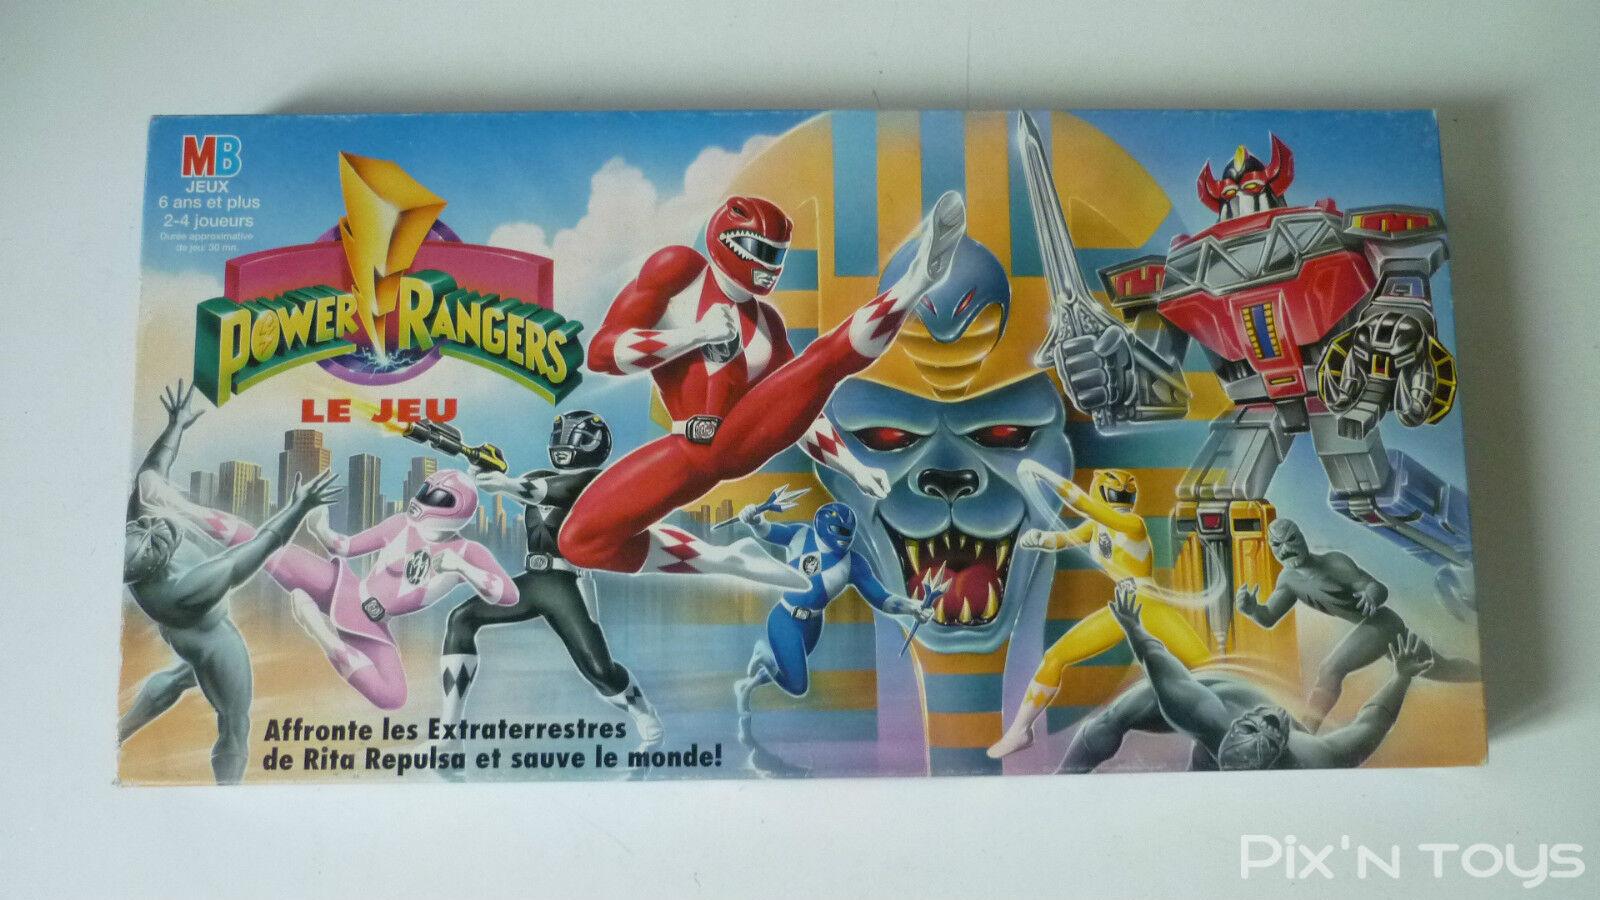 Power Rangers Le Jeu   Jeu  de société MB 1994 Version Française   Complet TBE  à la mode